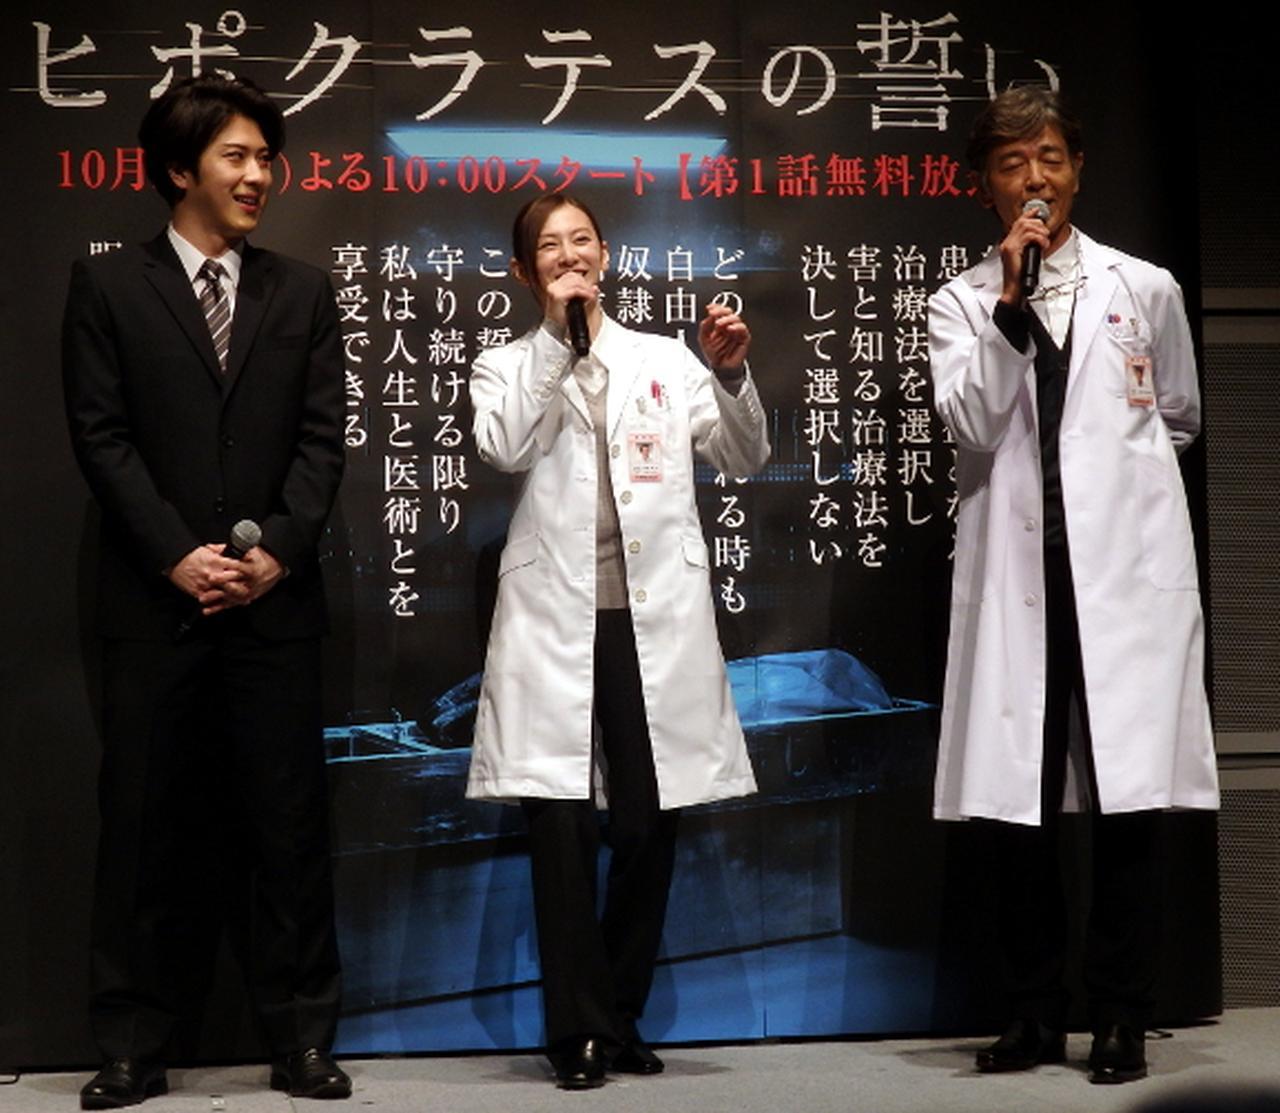 画像: 「この作品があったから家が売れた」? 北川景子が最新ドラマで白衣